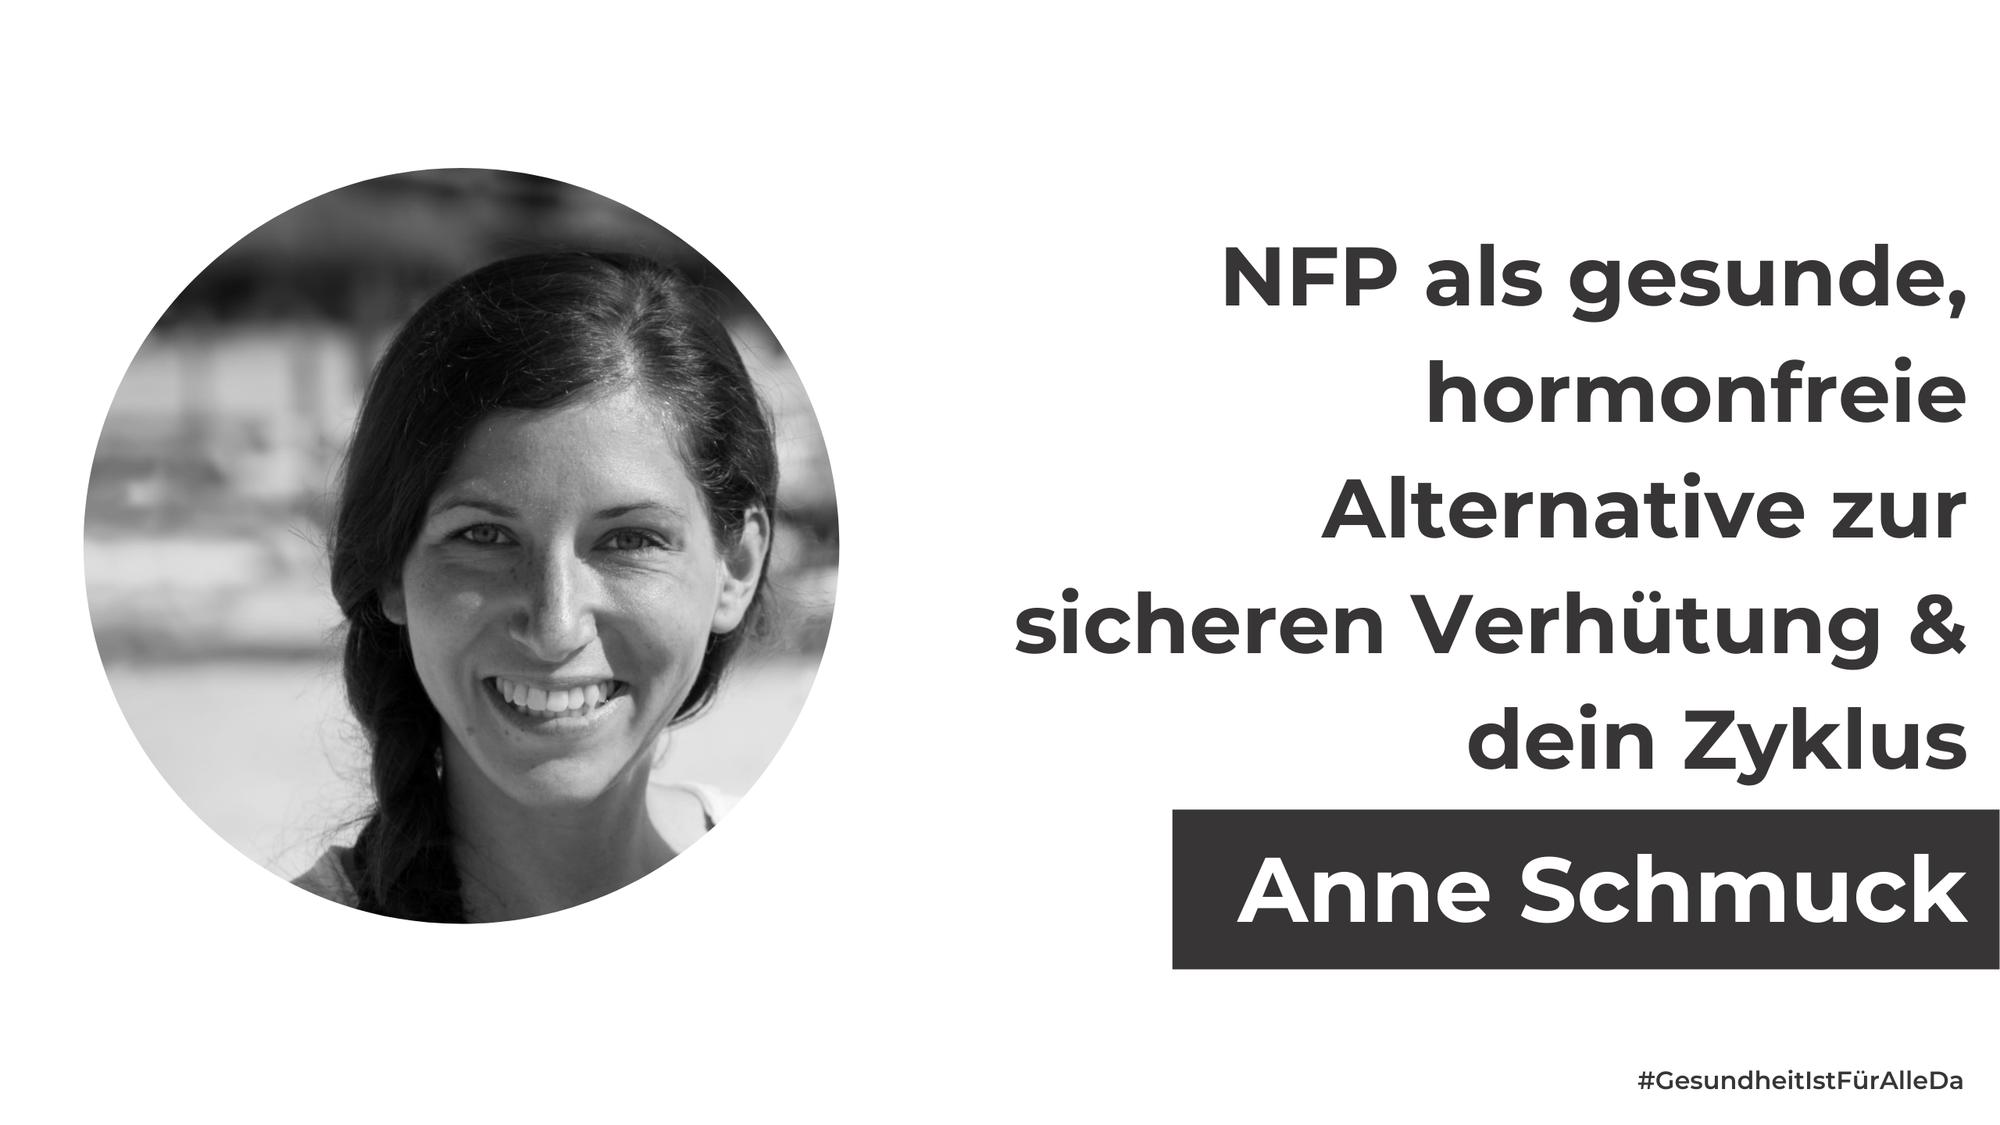 Anne Schmuck